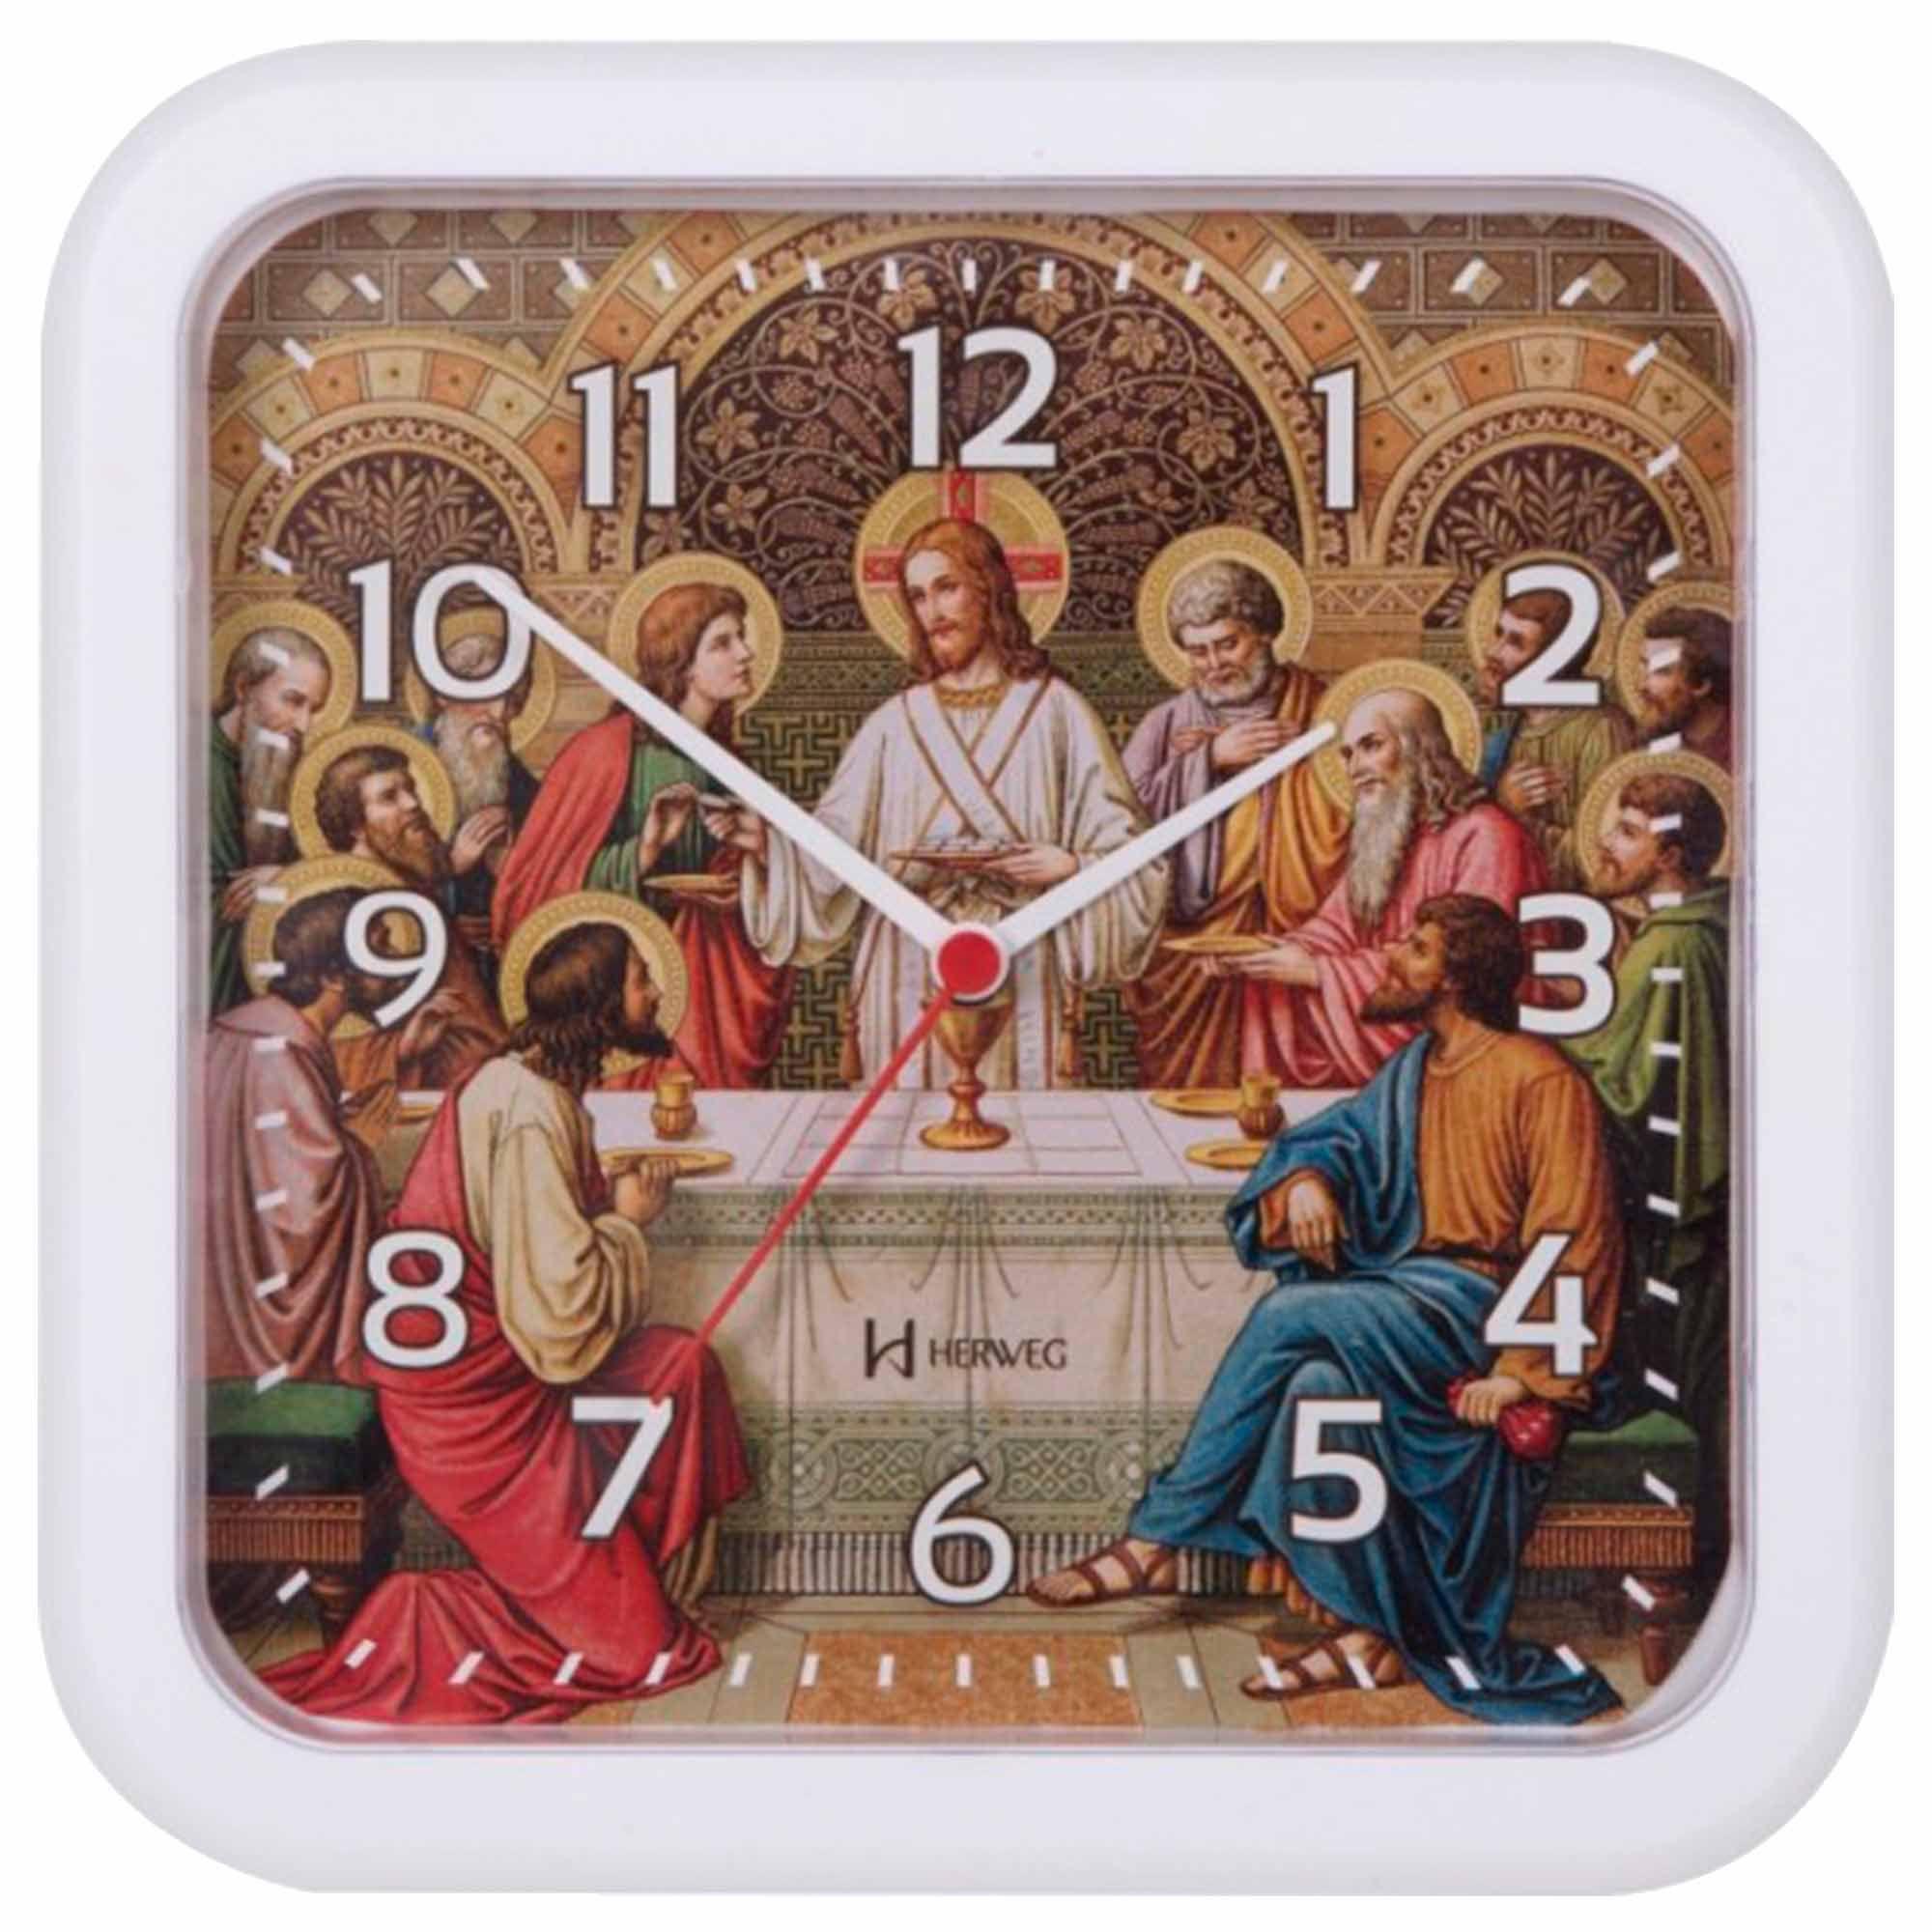 Relógio de Parede Analógico Herweg 6696 021 Branco